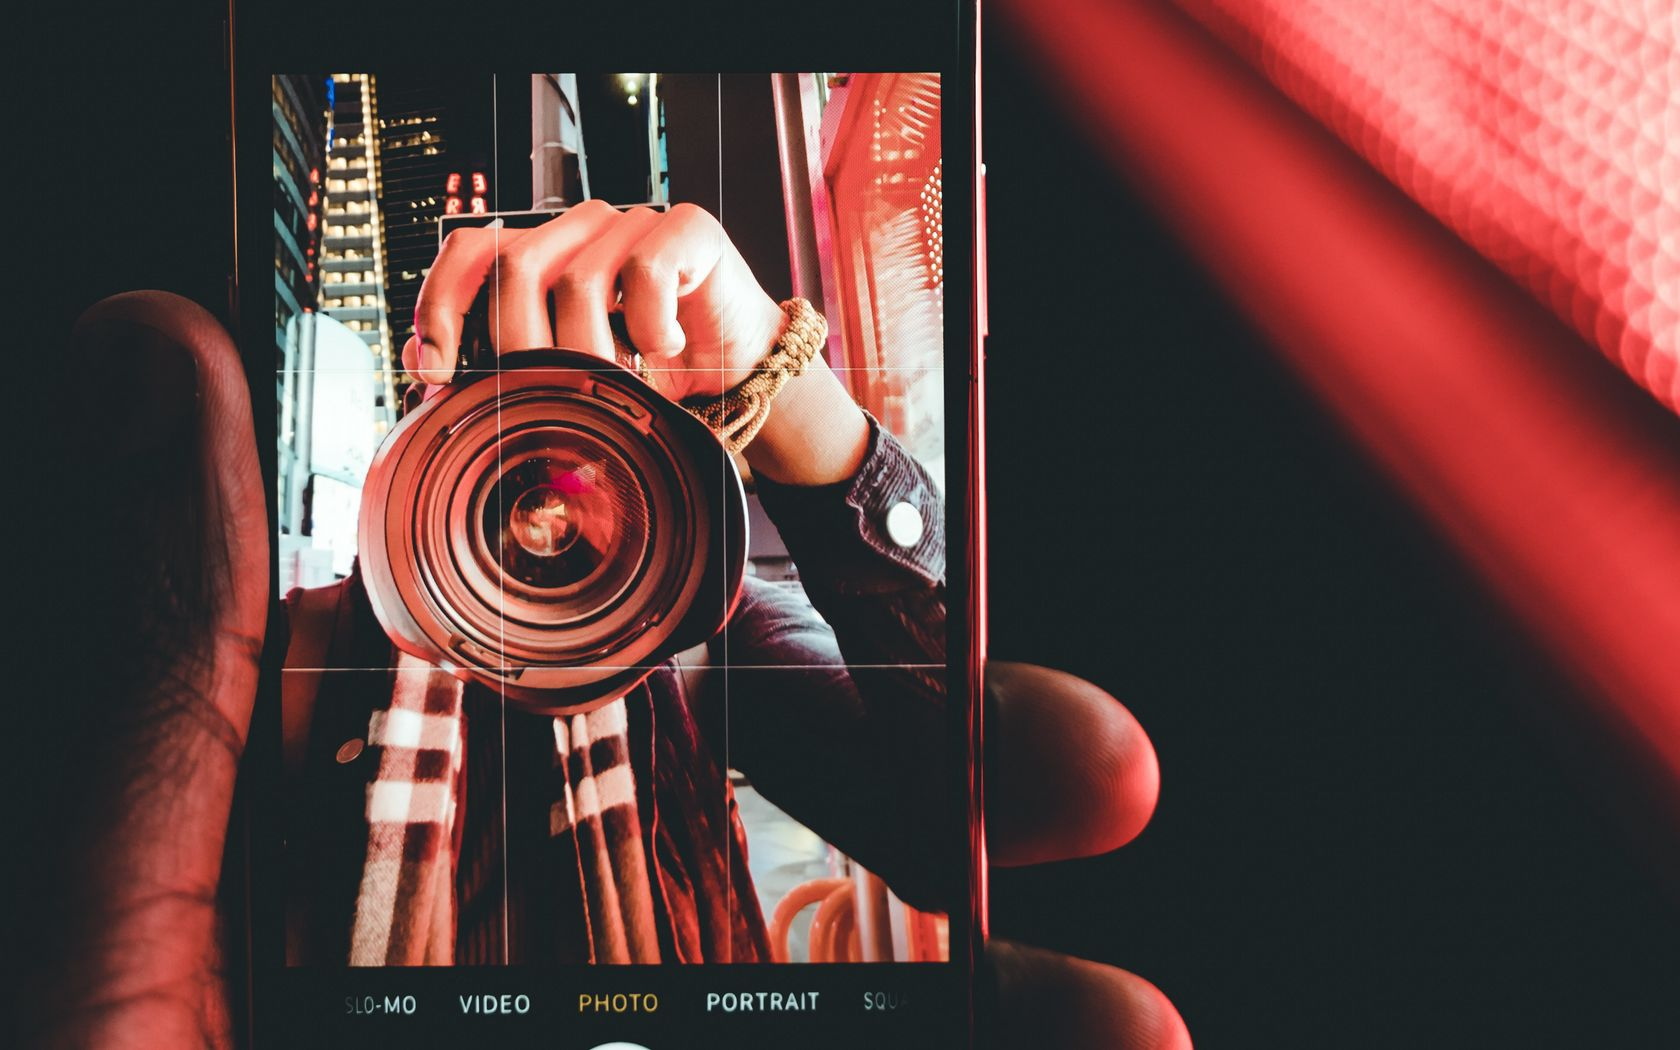 Как включить камеру в инстаграме: проверенные способы